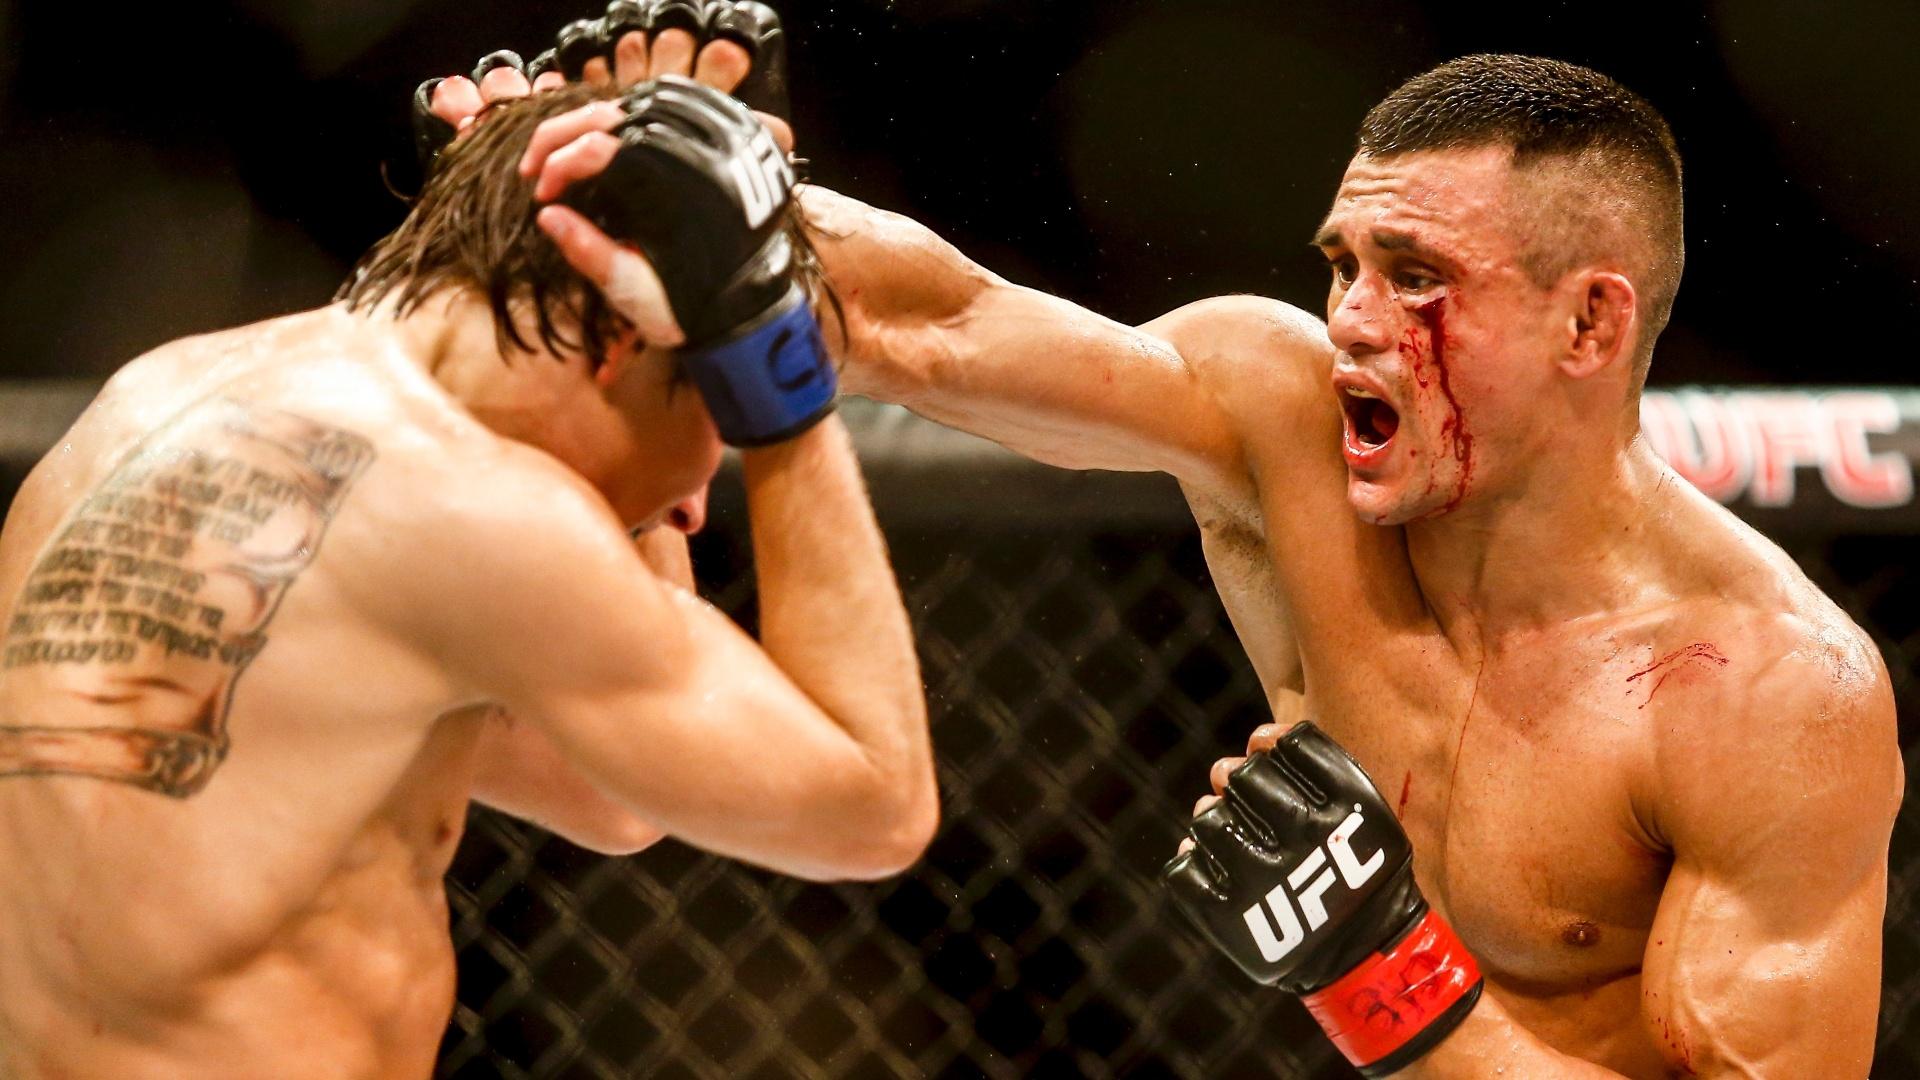 Douglas, o D'Silva, conquistou a segunda vitória brasileira no UFC Porto Alegre, por pontos. Ele bateu Cody Gibson, apesar de machucar o rosto e sangrar desde o primeiro round